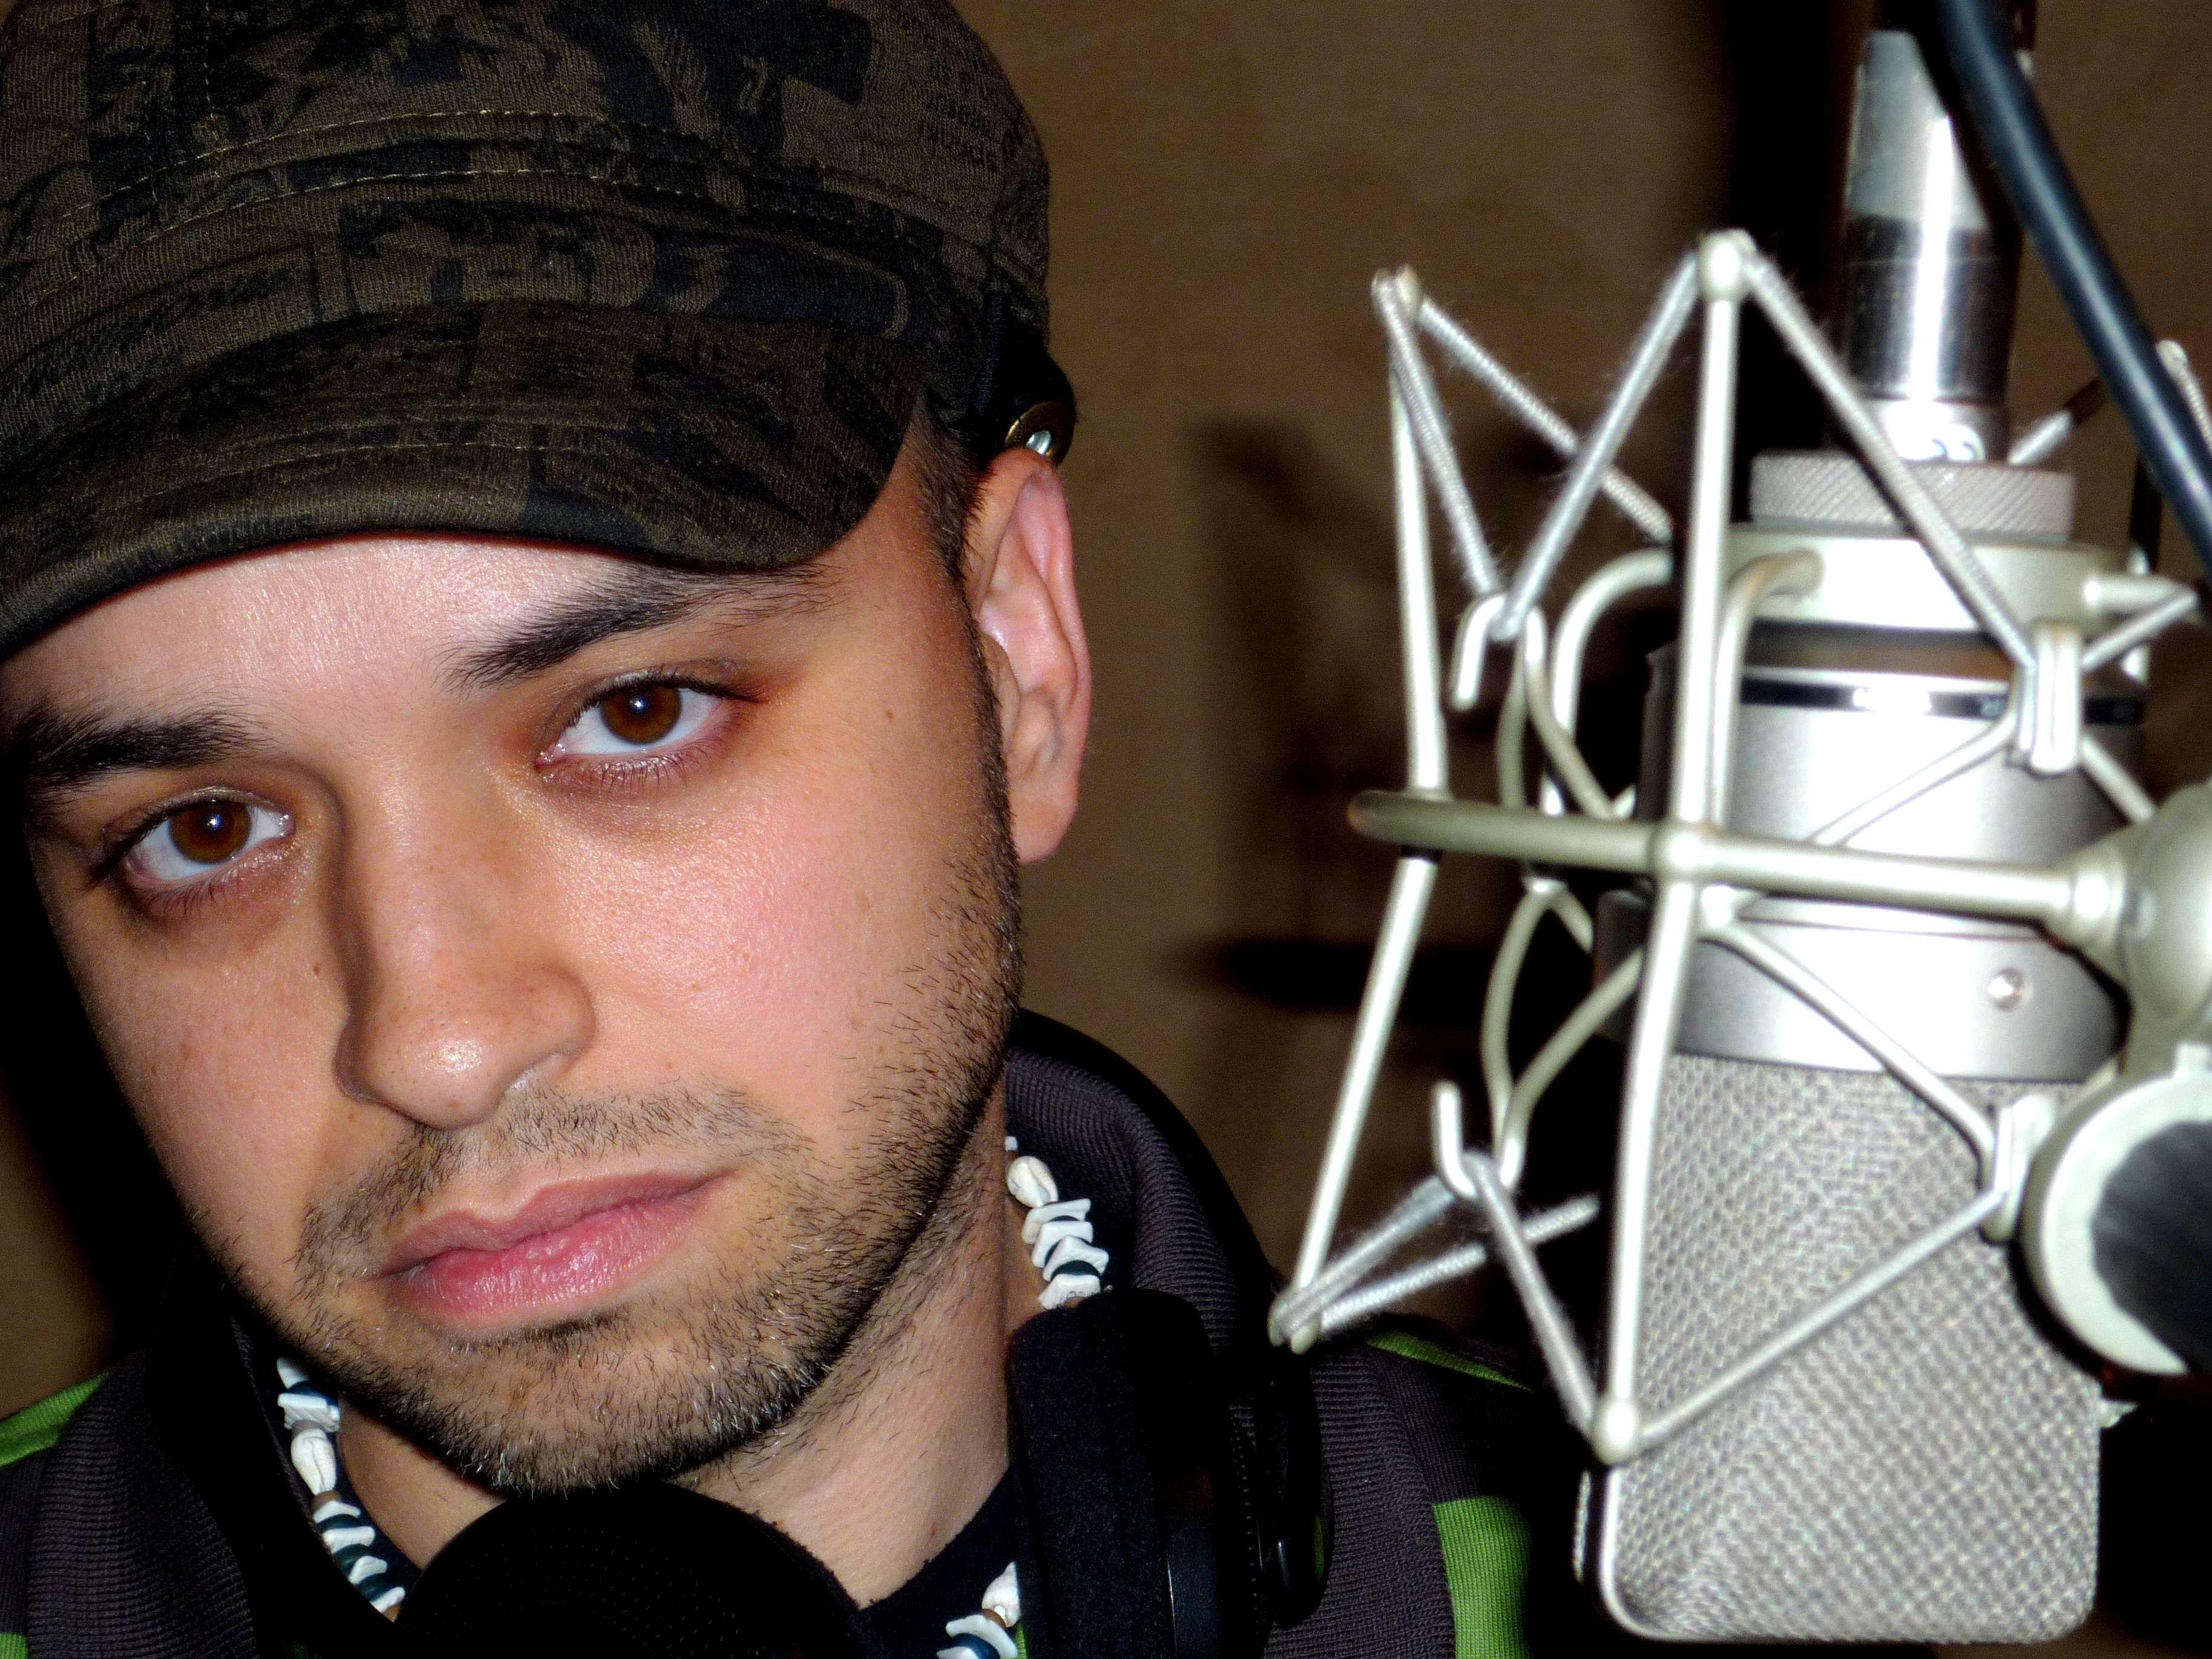 Foto de El artista Qué Pasa! en el estudio de grabación